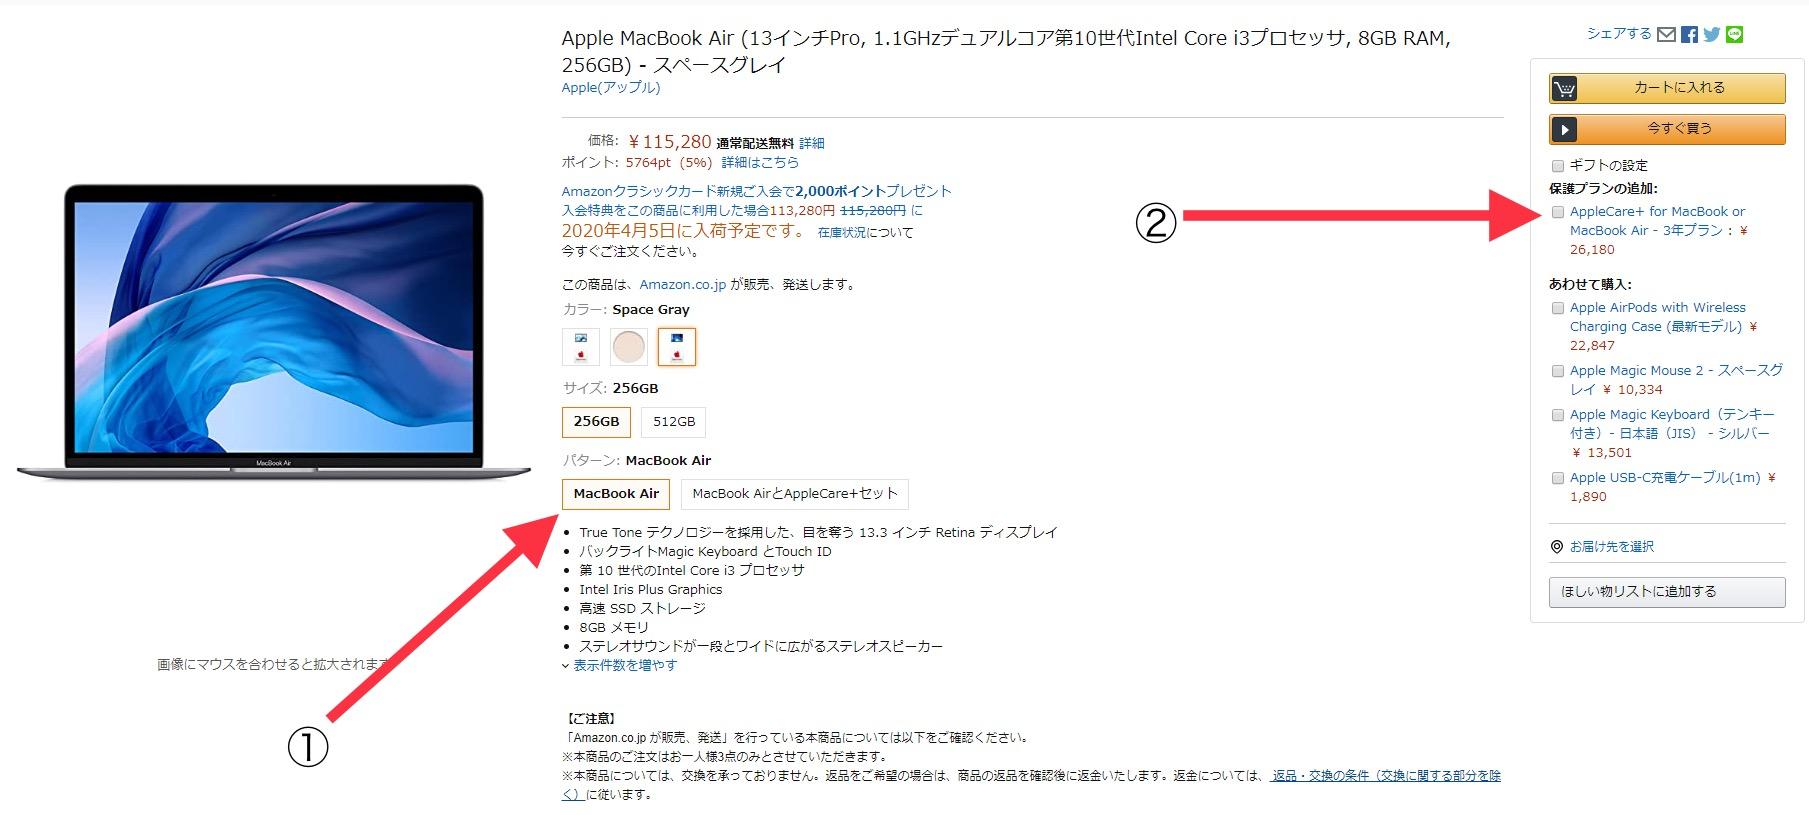 新型Macbook Airの購入時に気を付けること3